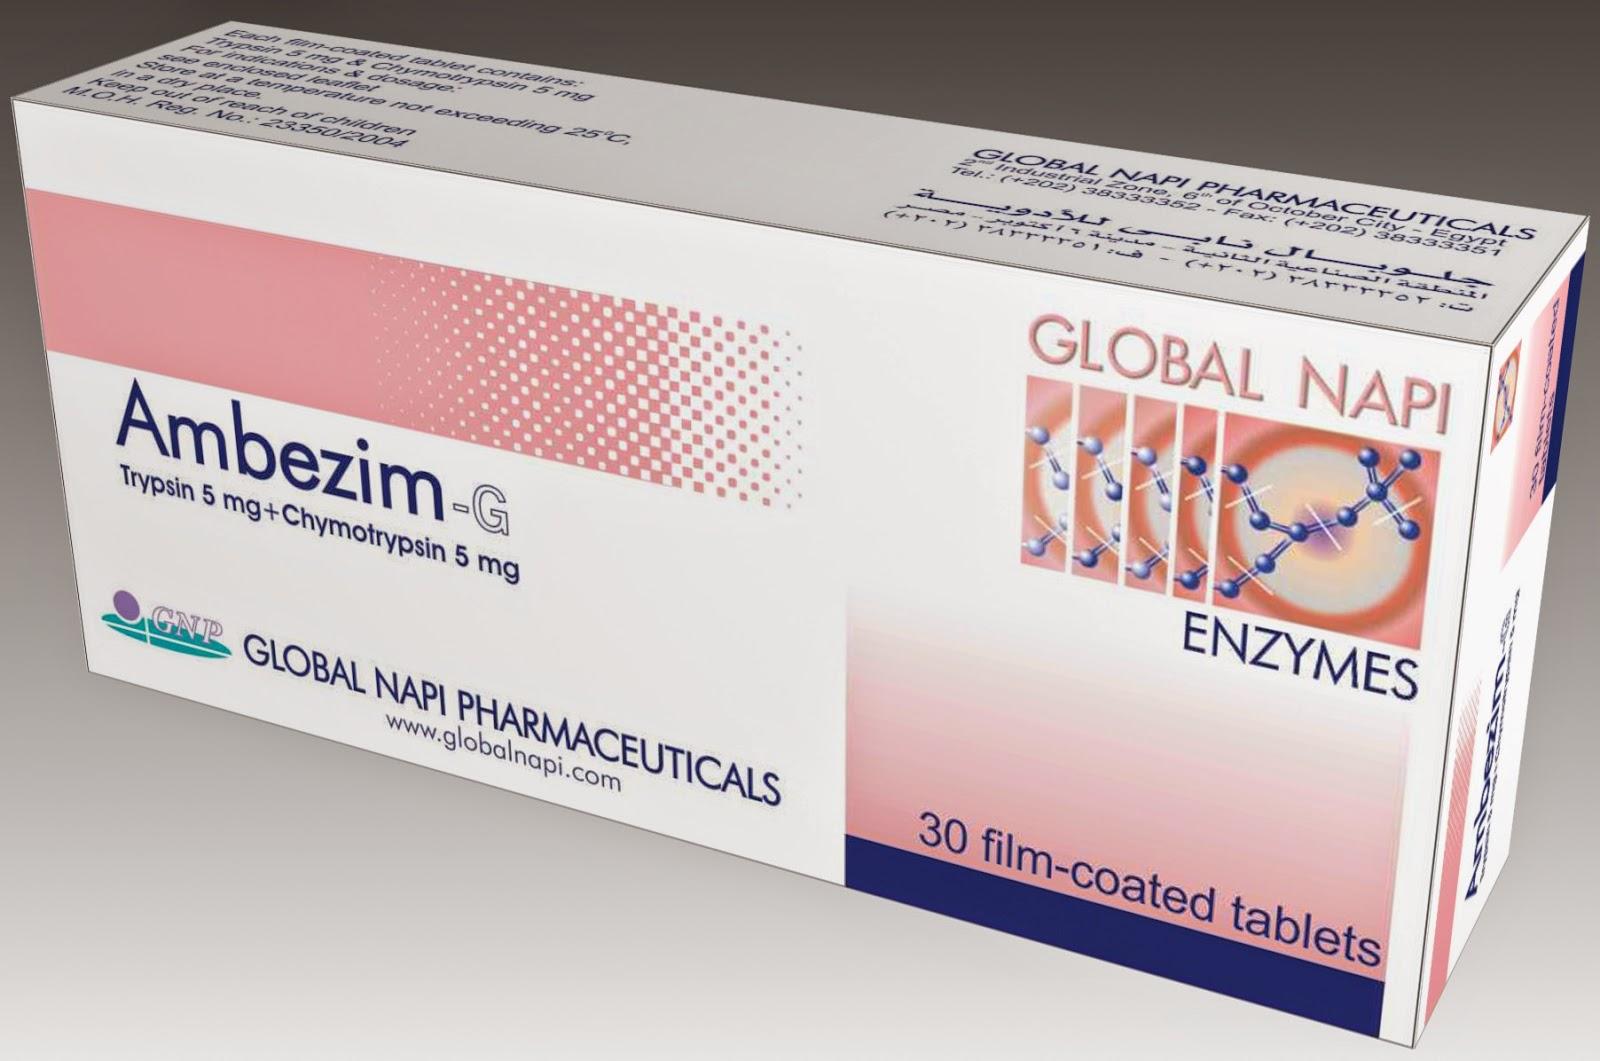 دواء أمبيزيم مضاد للالتهابات